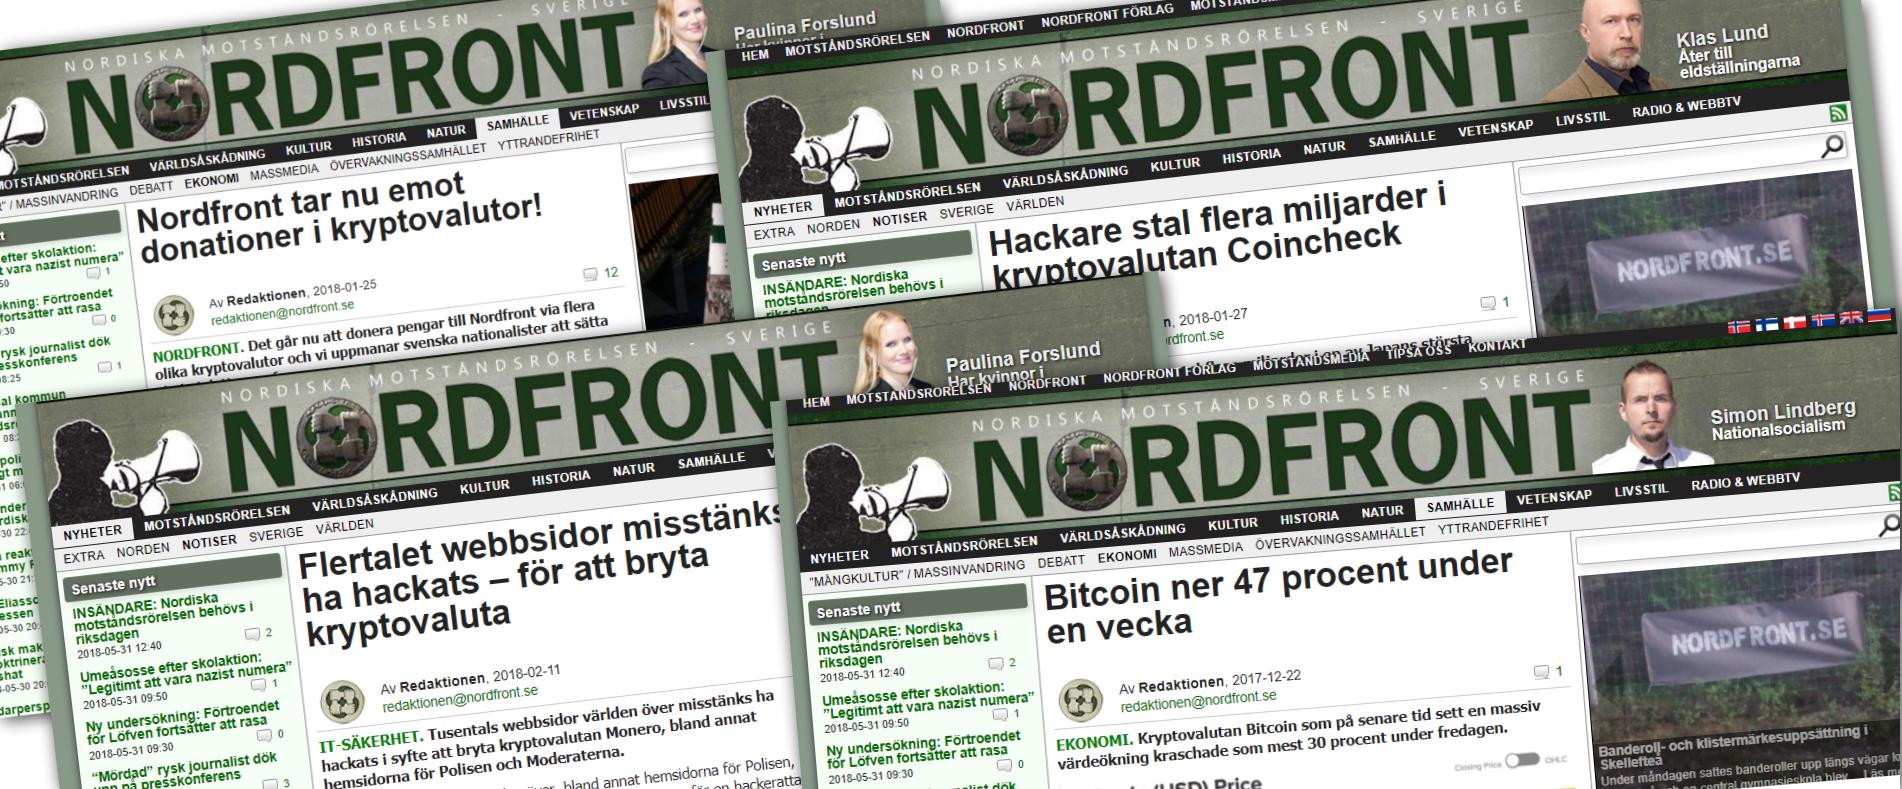 Några av de artiklar Nordiska motståndsrörelsens nättidning Nordfront har skrivit om kryptovalutor.